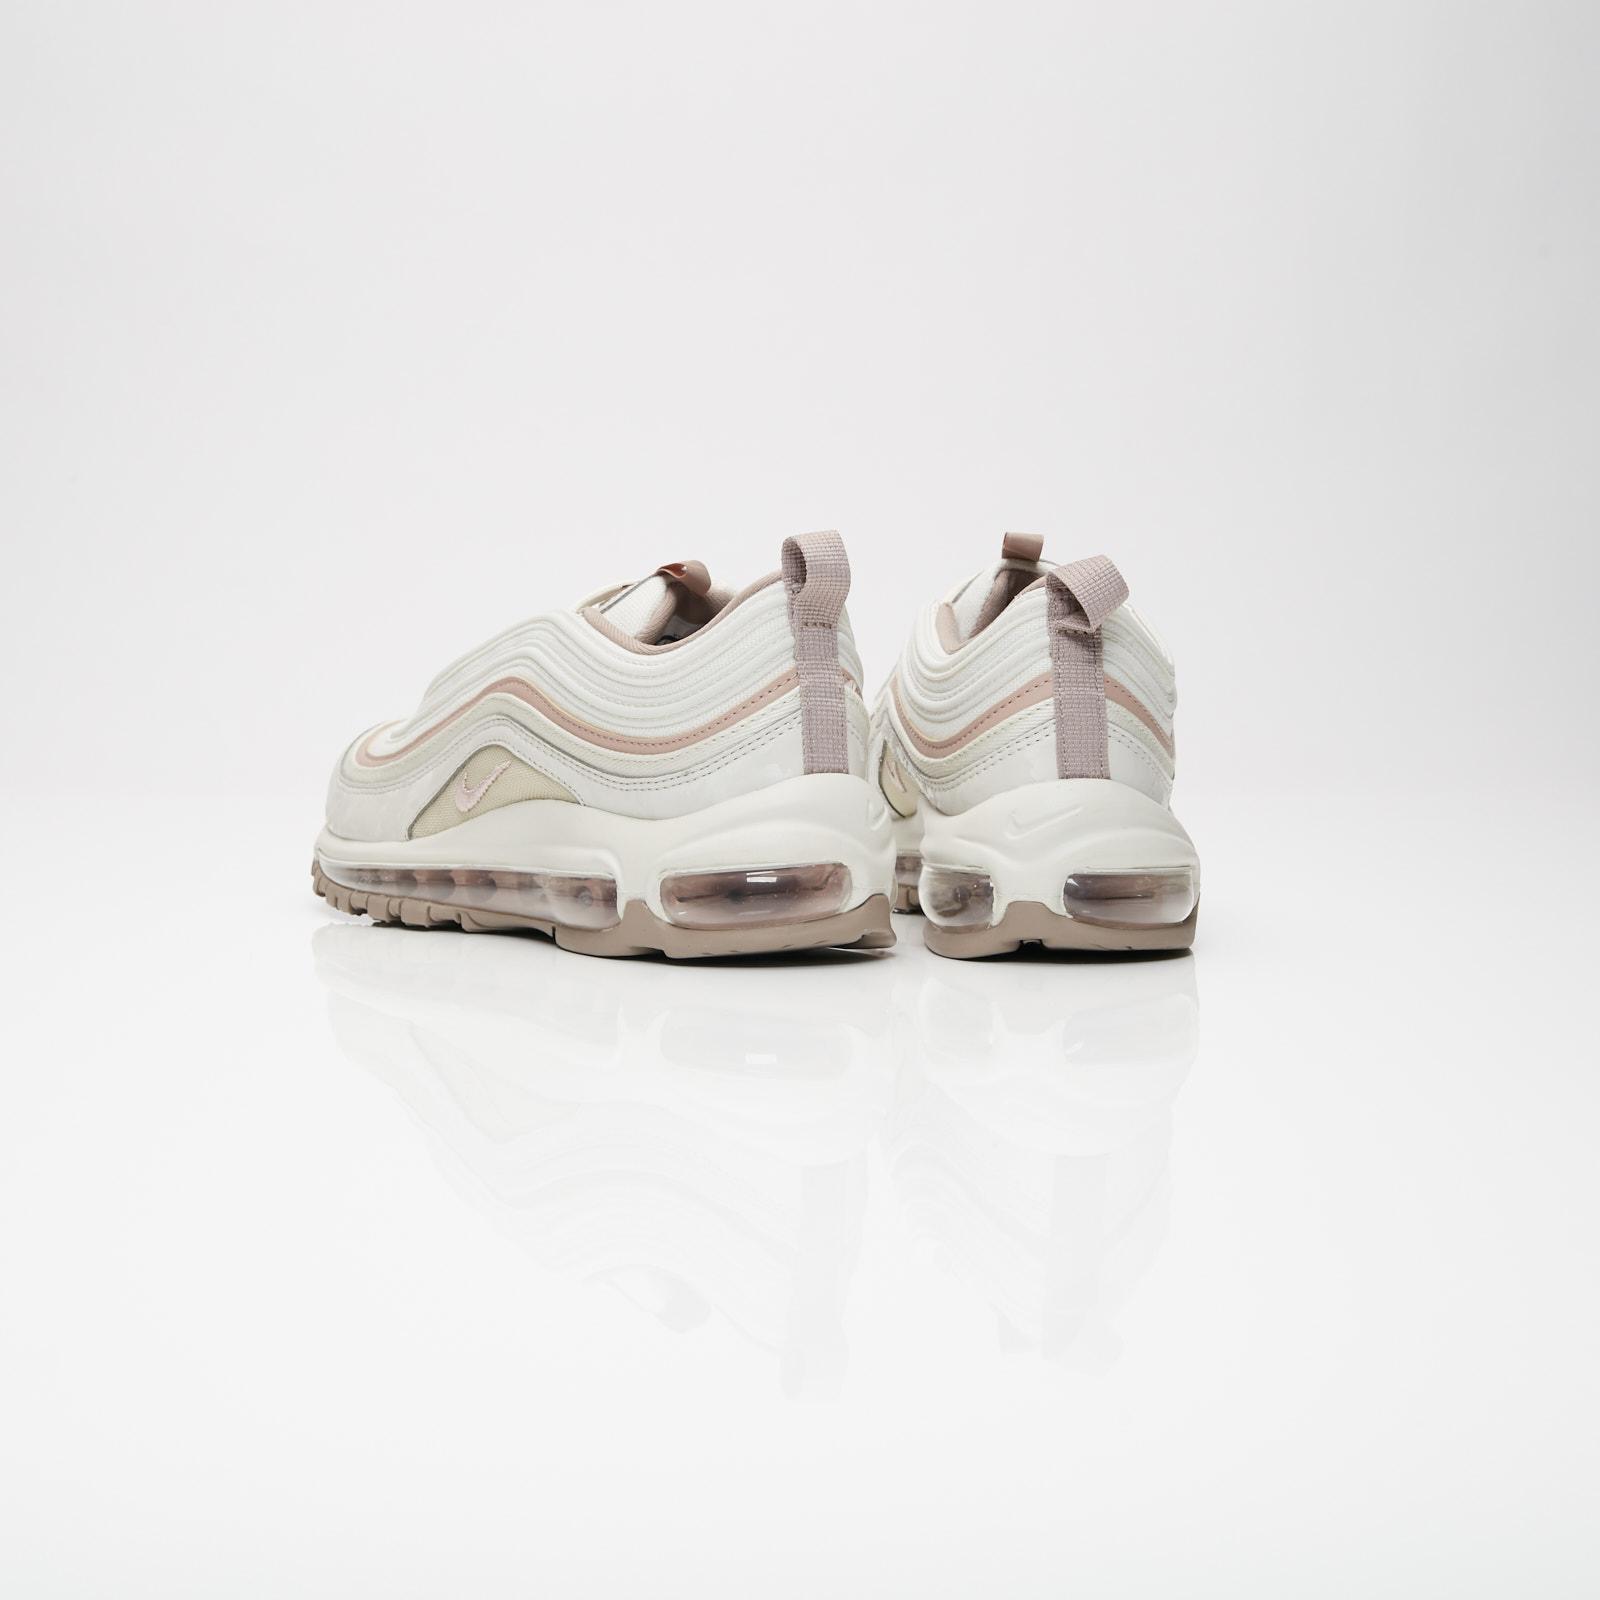 dd2d7624f2e6 Nike W Air Max 97 PRM - 917646-004 - Sneakersnstuff